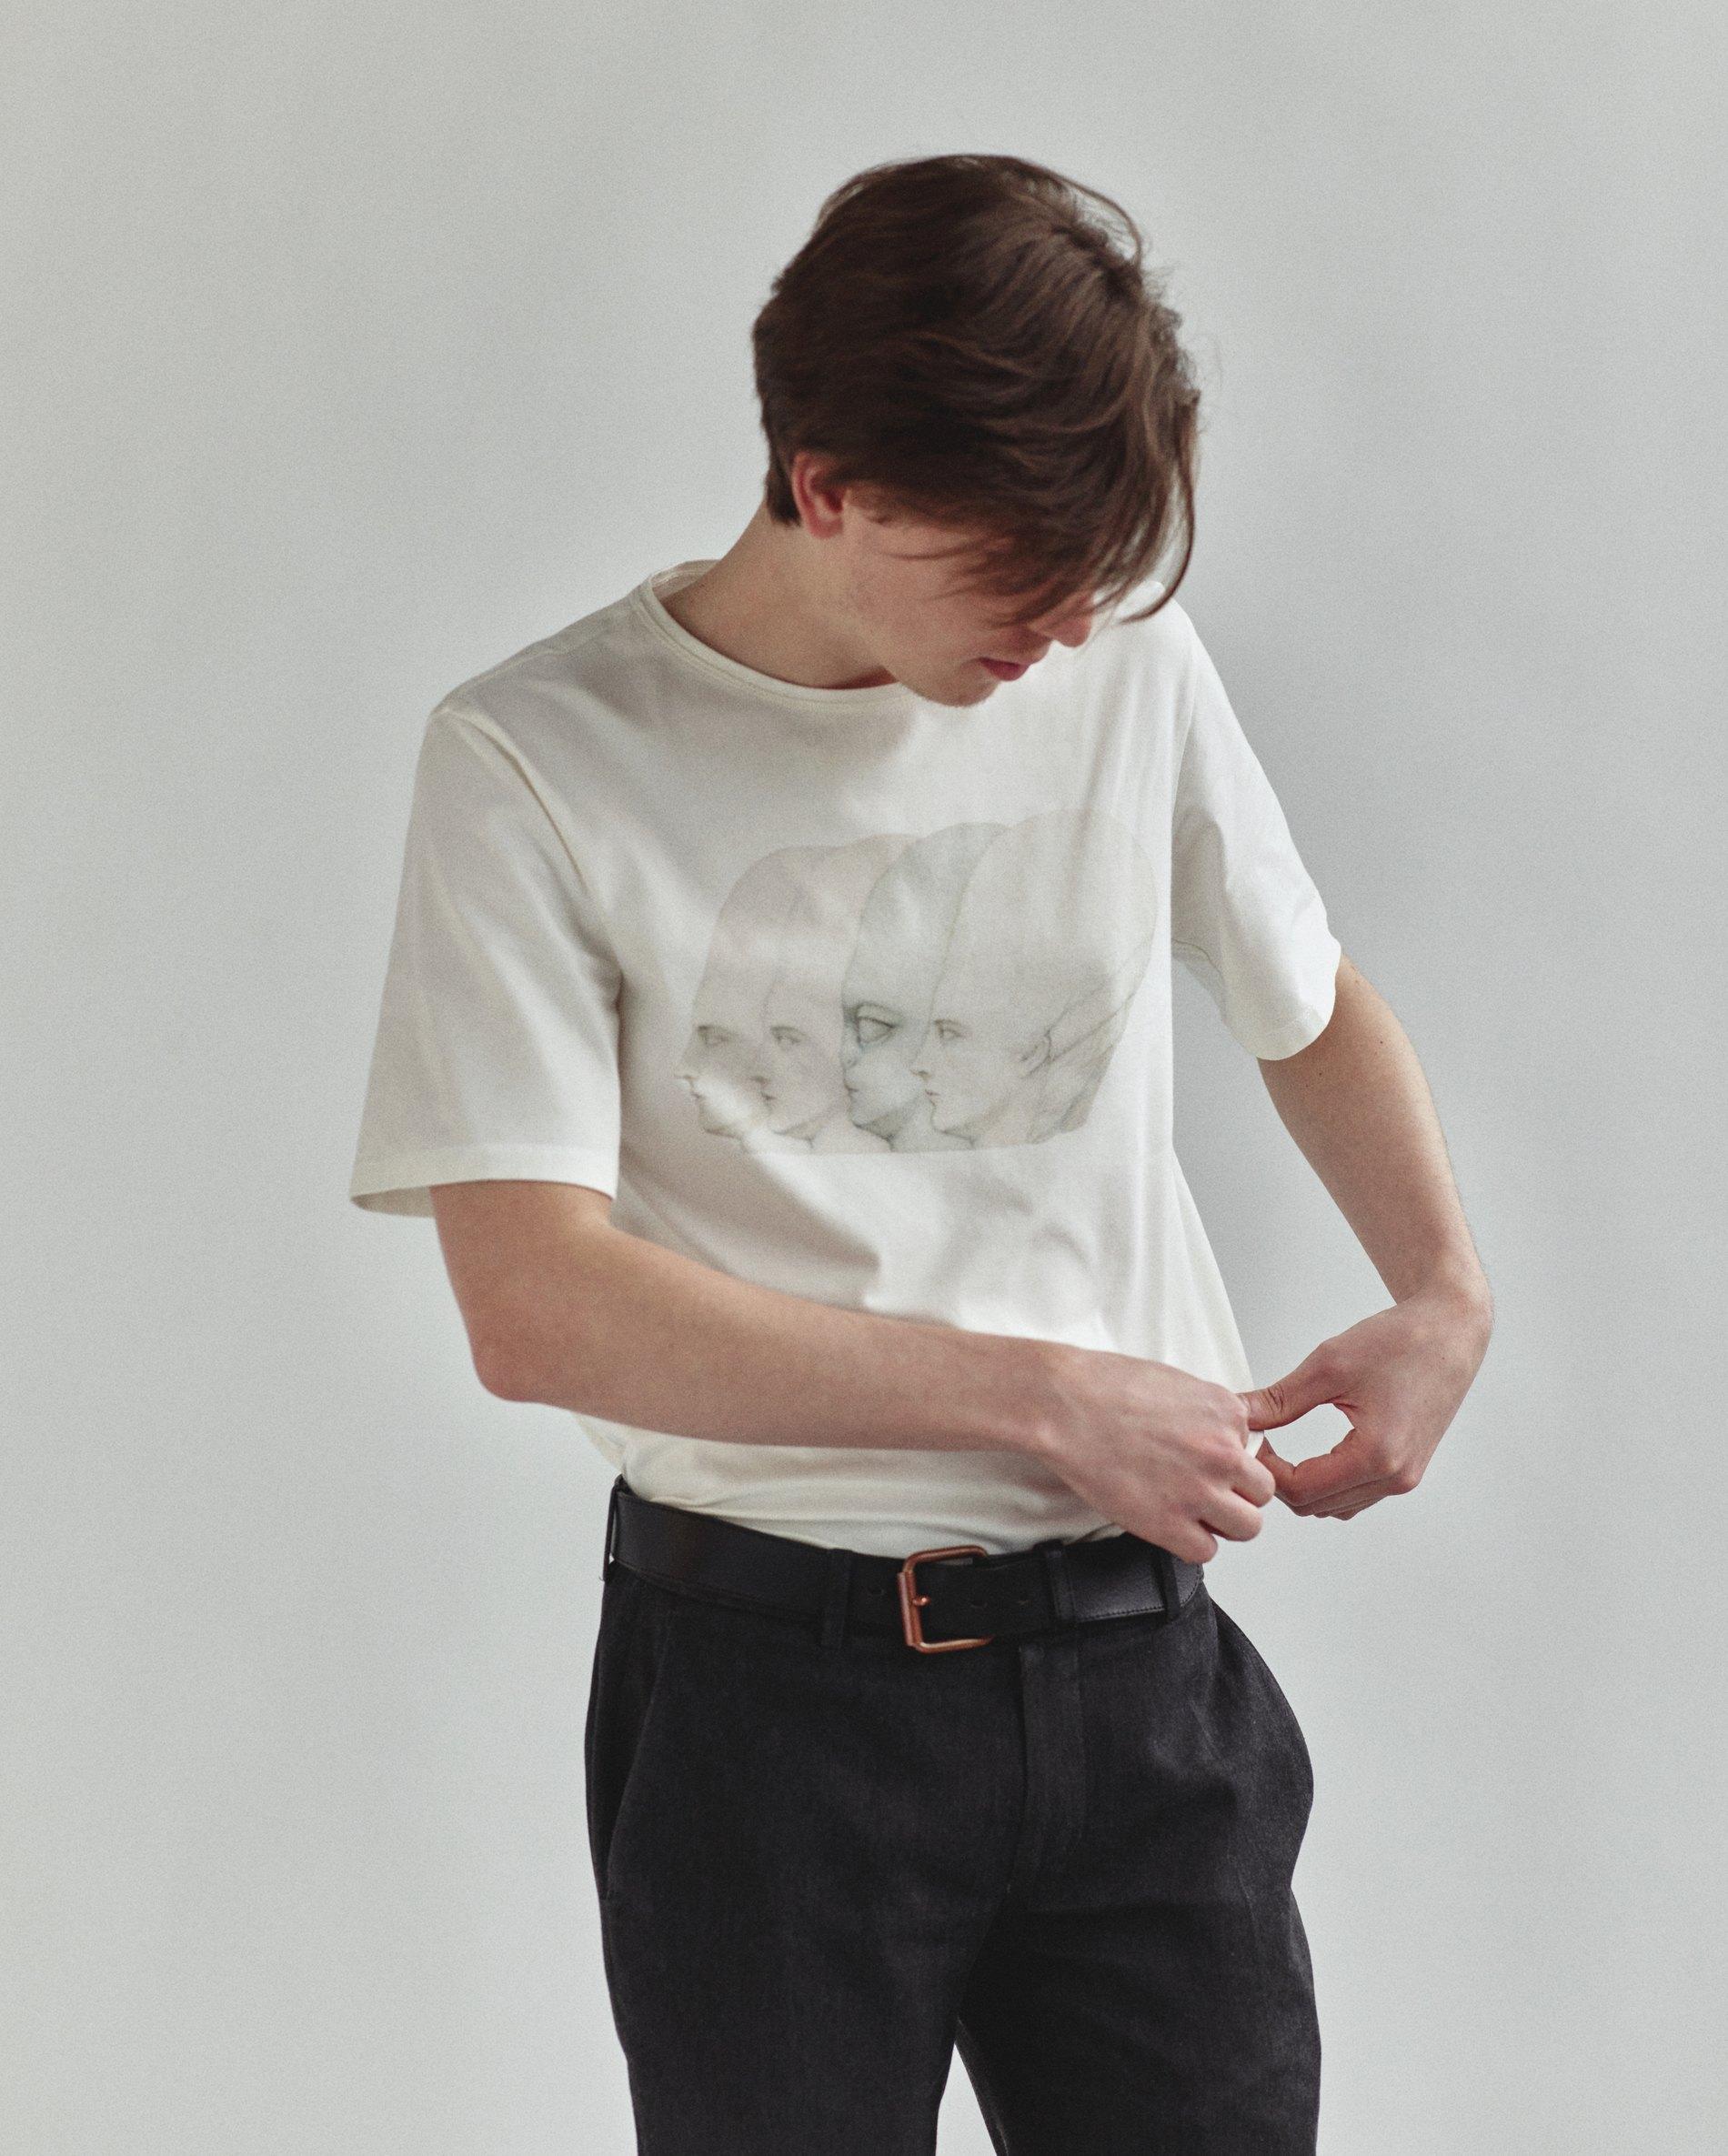 Унісекс футболки від колаборації Bobkova X Tolmachev — The Village ... e87a3f11b1f81